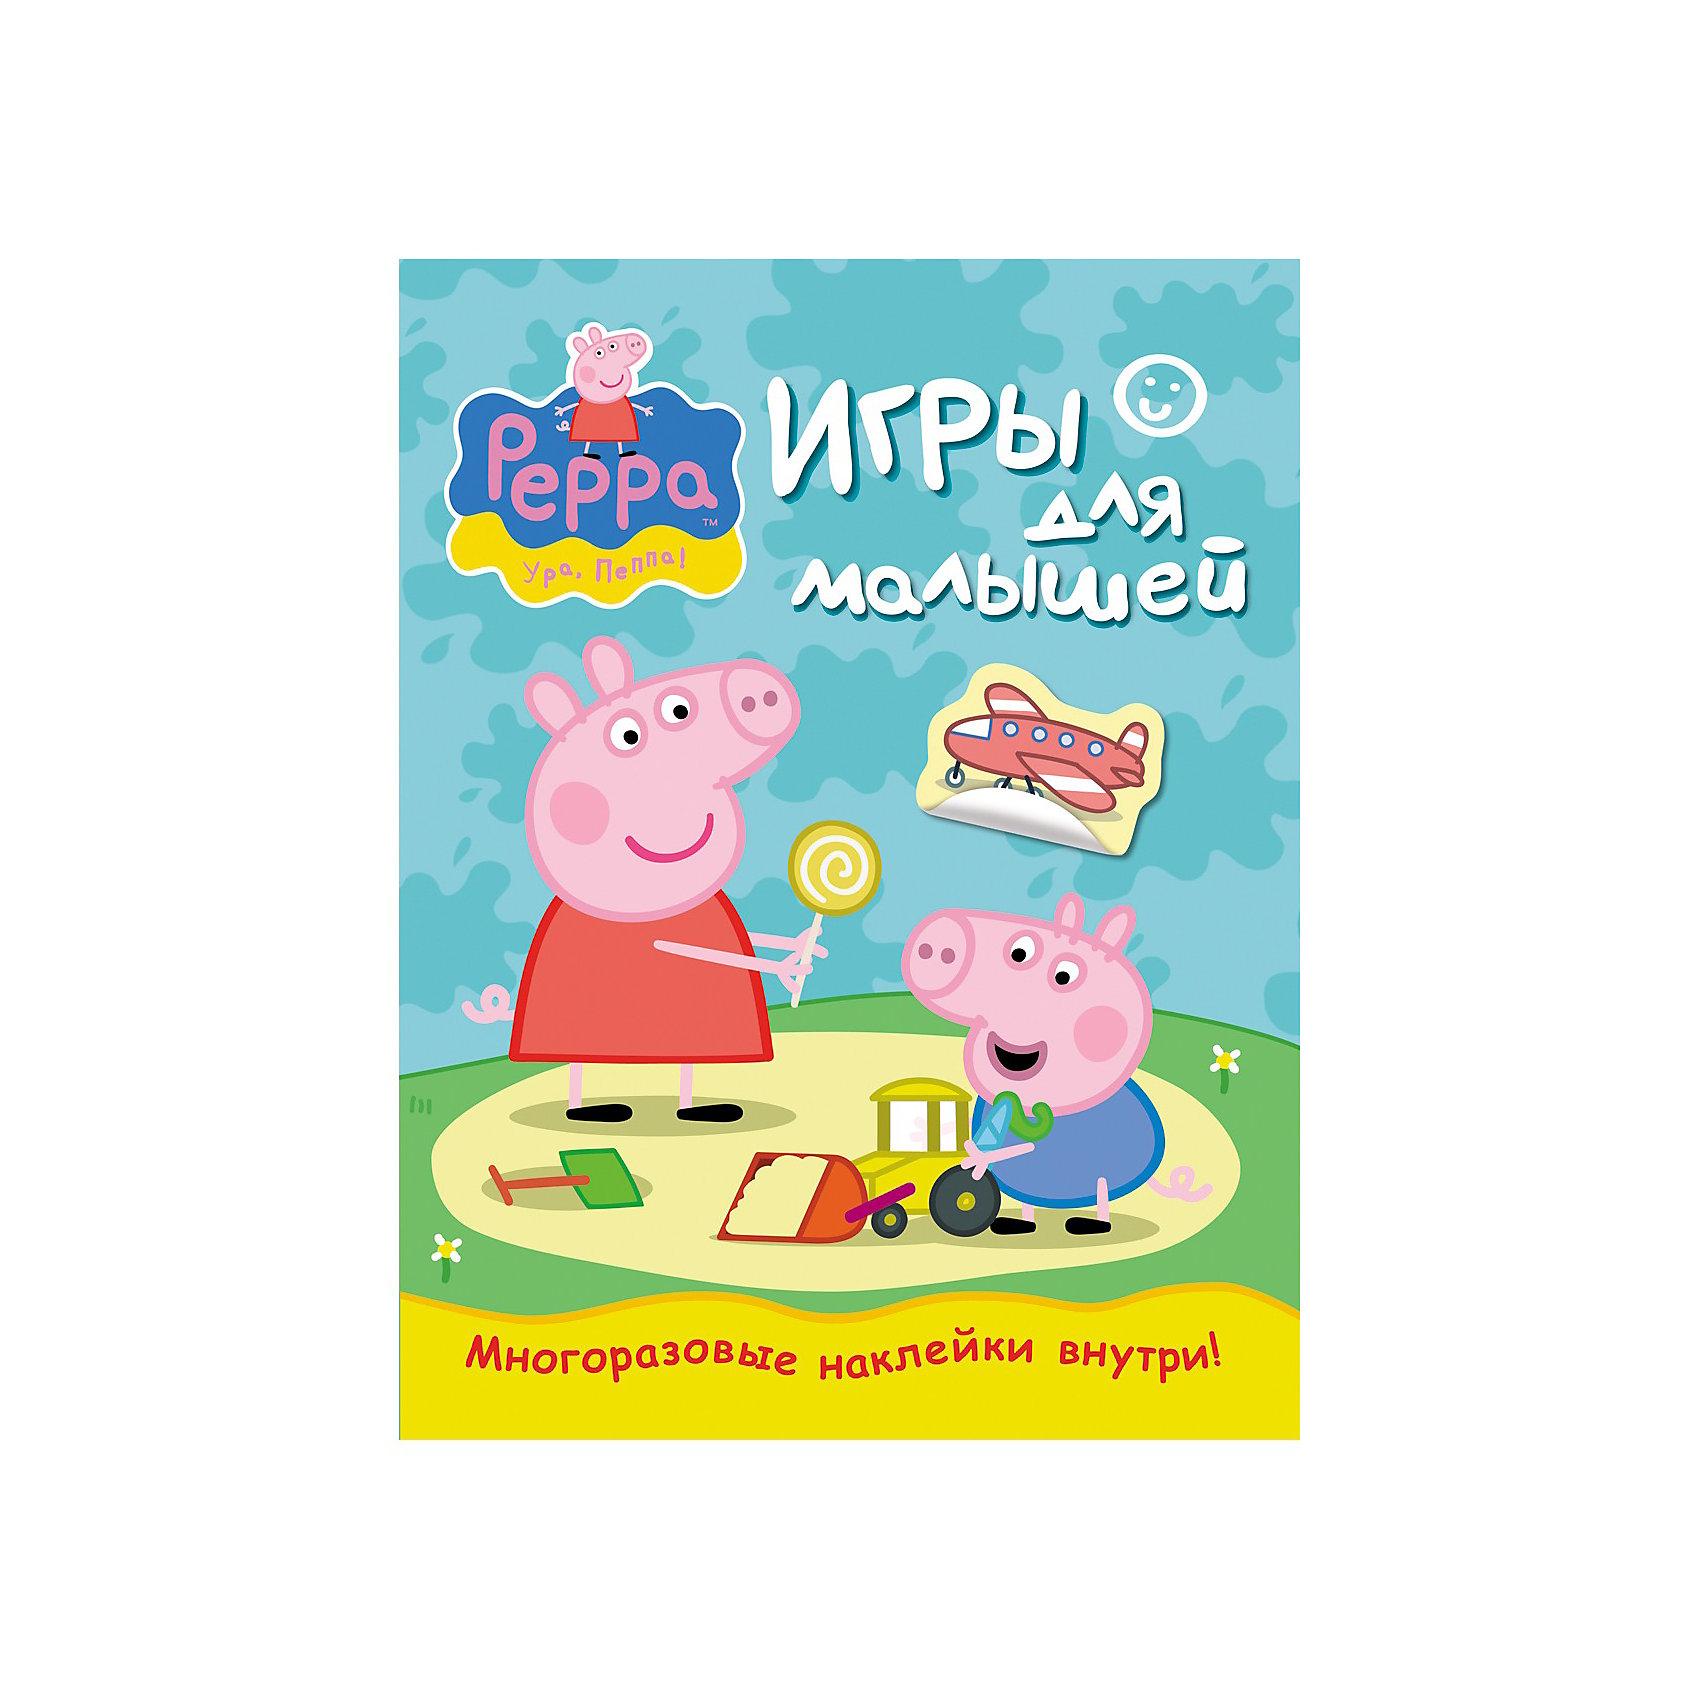 Игры для малышей Свинка ПеппаИгры для малышей со Свинкой Пеппой (Peppa Pig) - это веселые игры и задания на развитие воображения и логического мышления. Ребенок может выполнять интересные задания с помощью многоразовых наклеек, а также использовать их для украшения интерьера.<br><br>Станет прекрасным подарком Вашему малышу!<br><br>Дополнительная информация:<br><br>- Серия: Свинка Пеппа (Peppa Pig)<br>- Редактор: А. Потапова<br>- Переплет: мягкий<br>- Наличие иллюстраций: цветные<br>- Формат: 212 х 275  мм<br>- Количество страниц: 8<br><br>Книгу «Игры для малышей, Свинка Пеппа» можно купить в нашем интернет-магазине.<br><br>Ширина мм: 275<br>Глубина мм: 3<br>Высота мм: 210<br>Вес г: 80<br>Возраст от месяцев: 24<br>Возраст до месяцев: 60<br>Пол: Унисекс<br>Возраст: Детский<br>SKU: 3509838